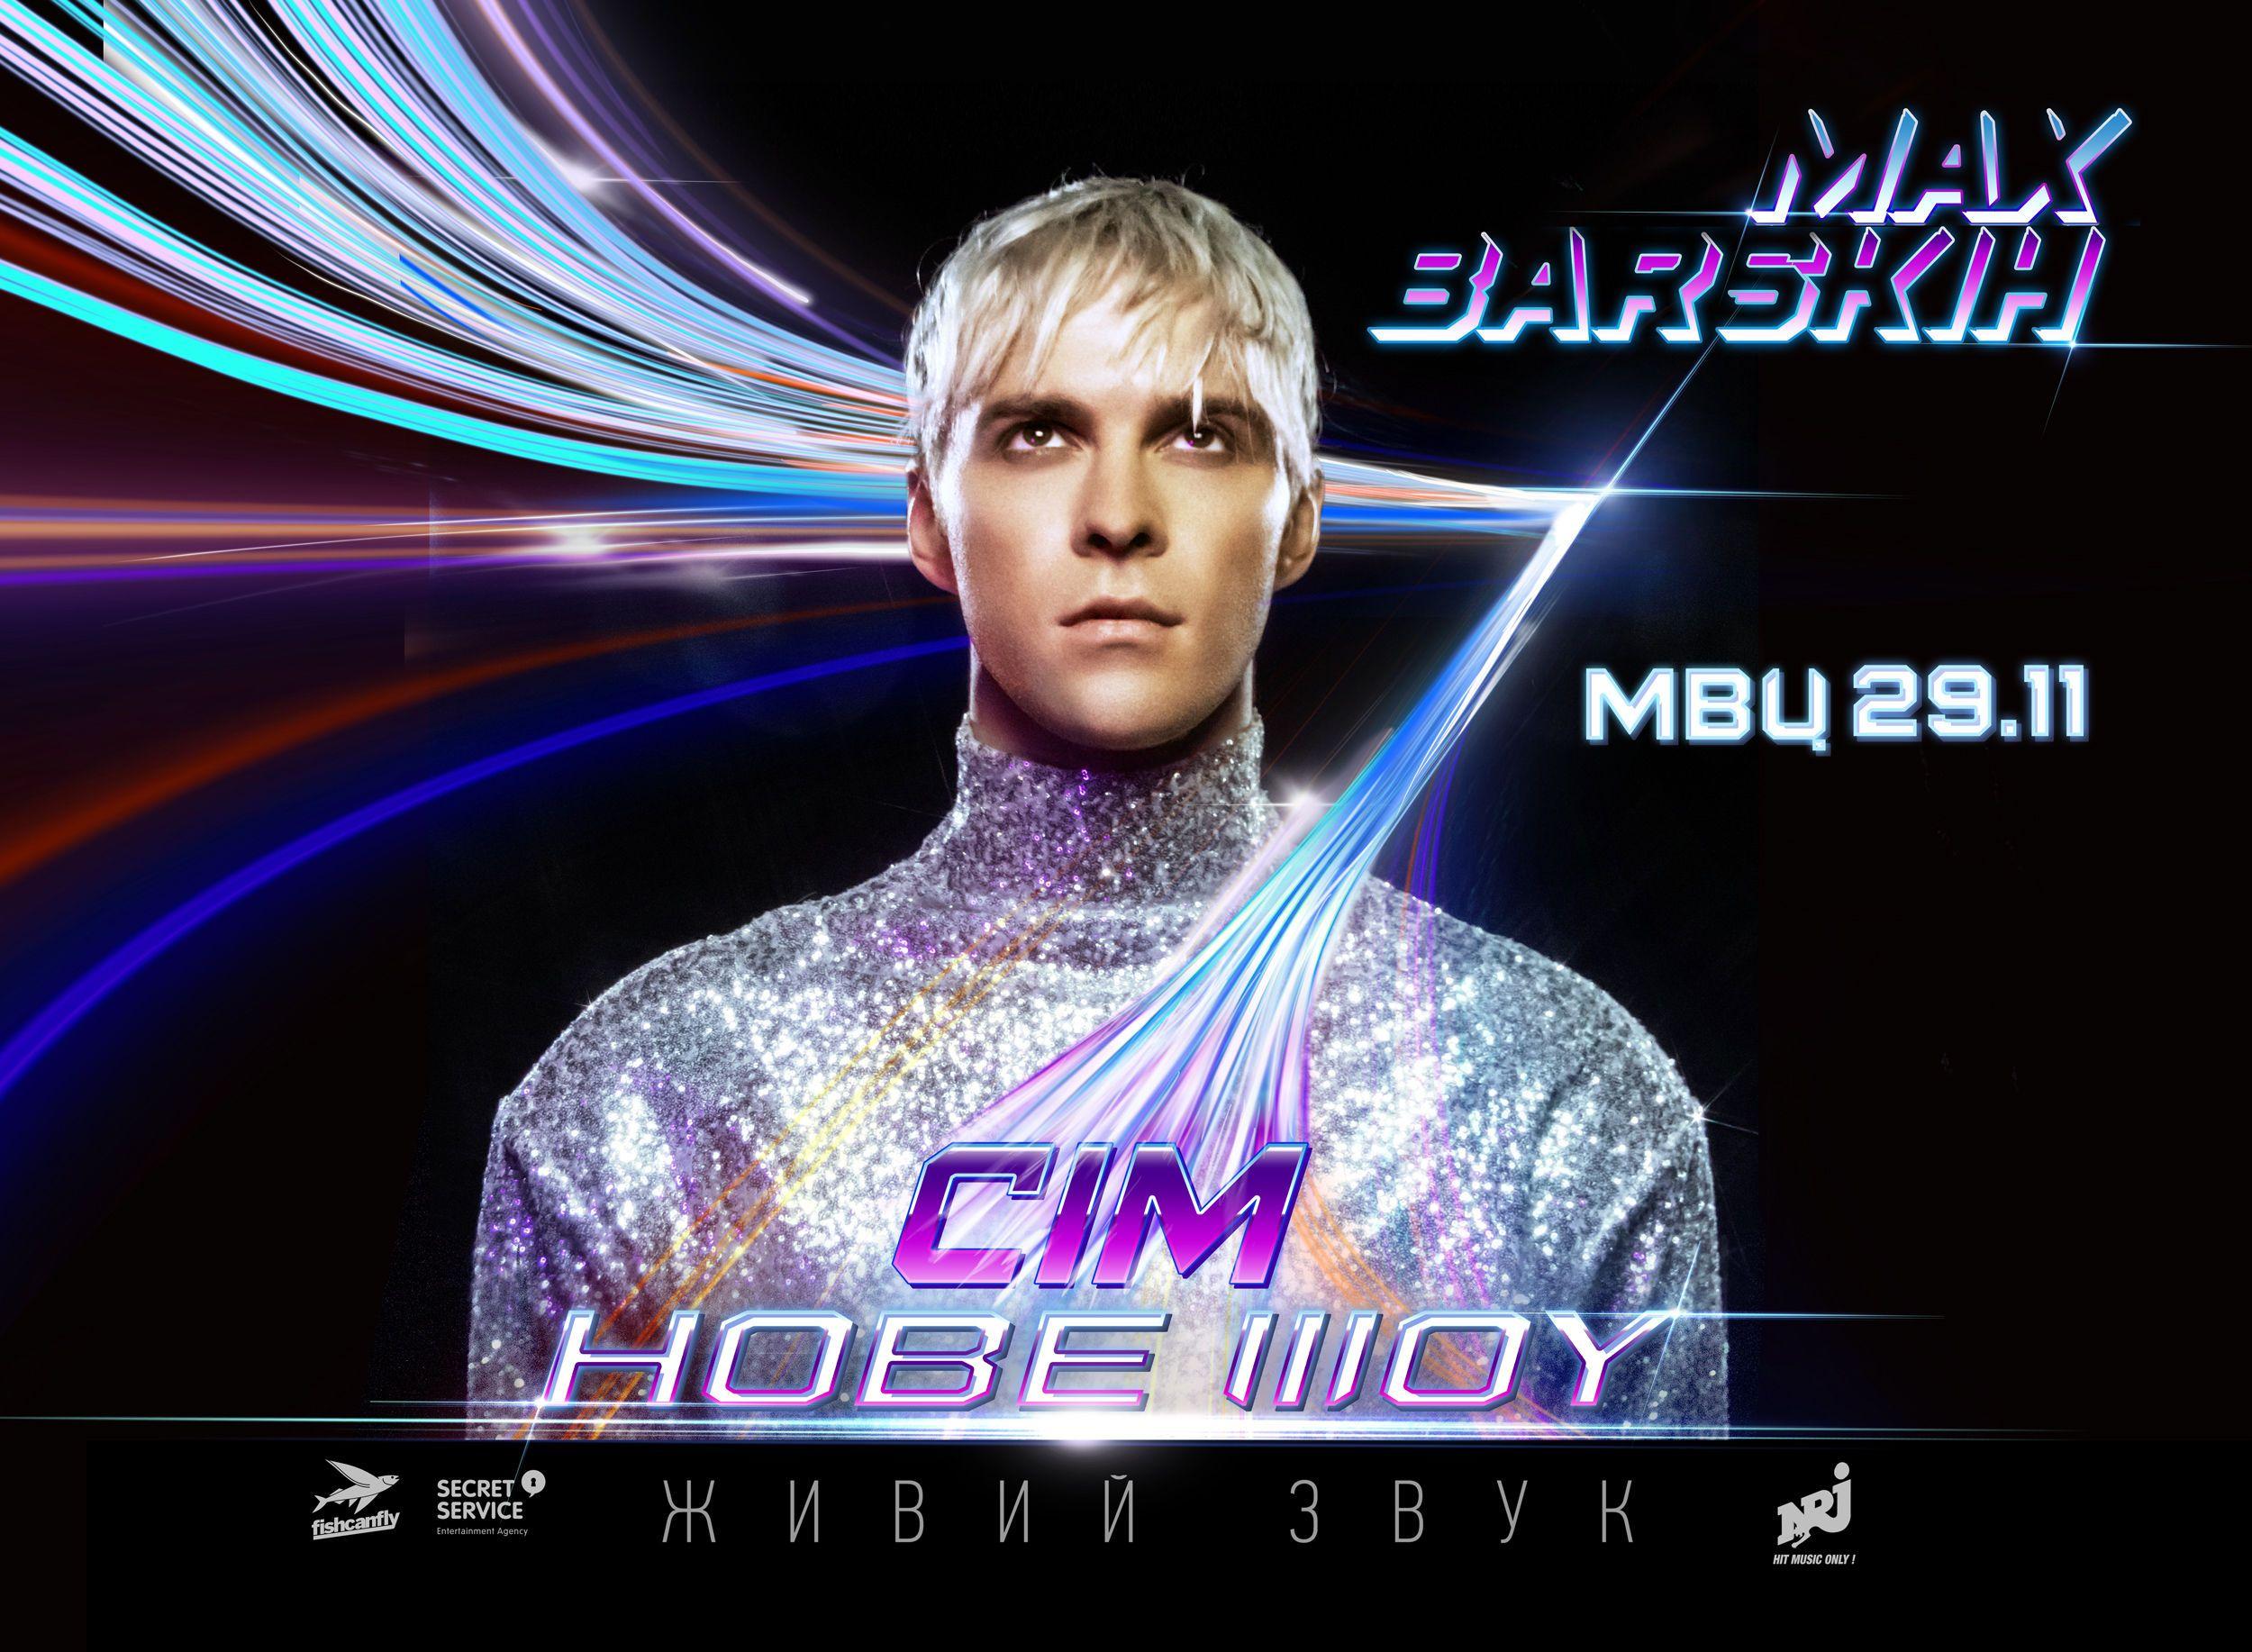 Макс Барських_1